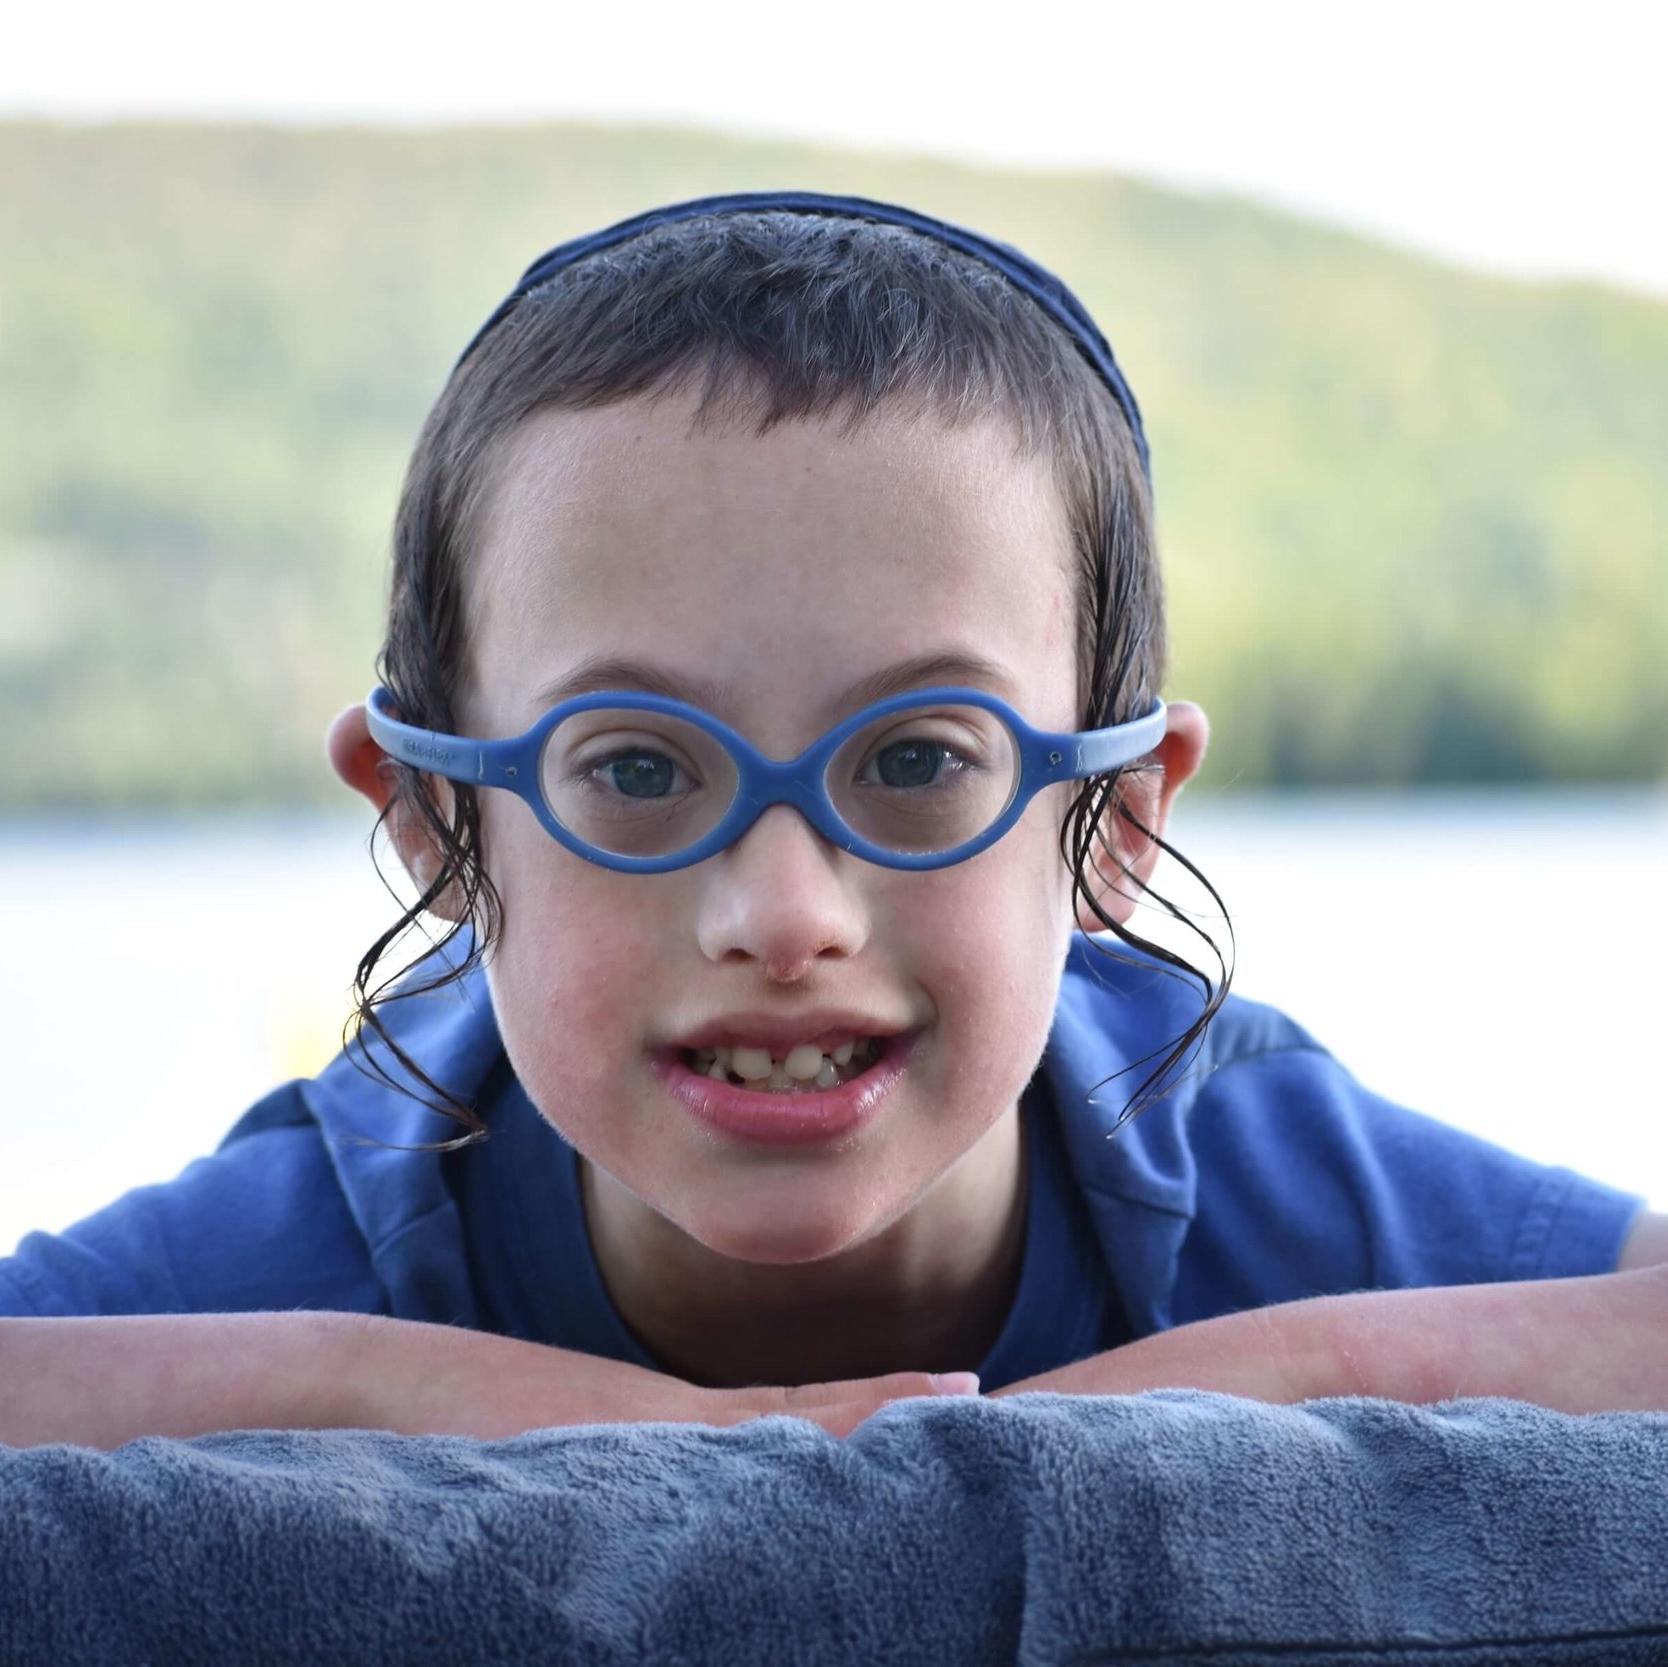 Camp de Jour - Notre camp d'été offre à des enfants présentant des besoins particuliers une expérience amusante et éducative.